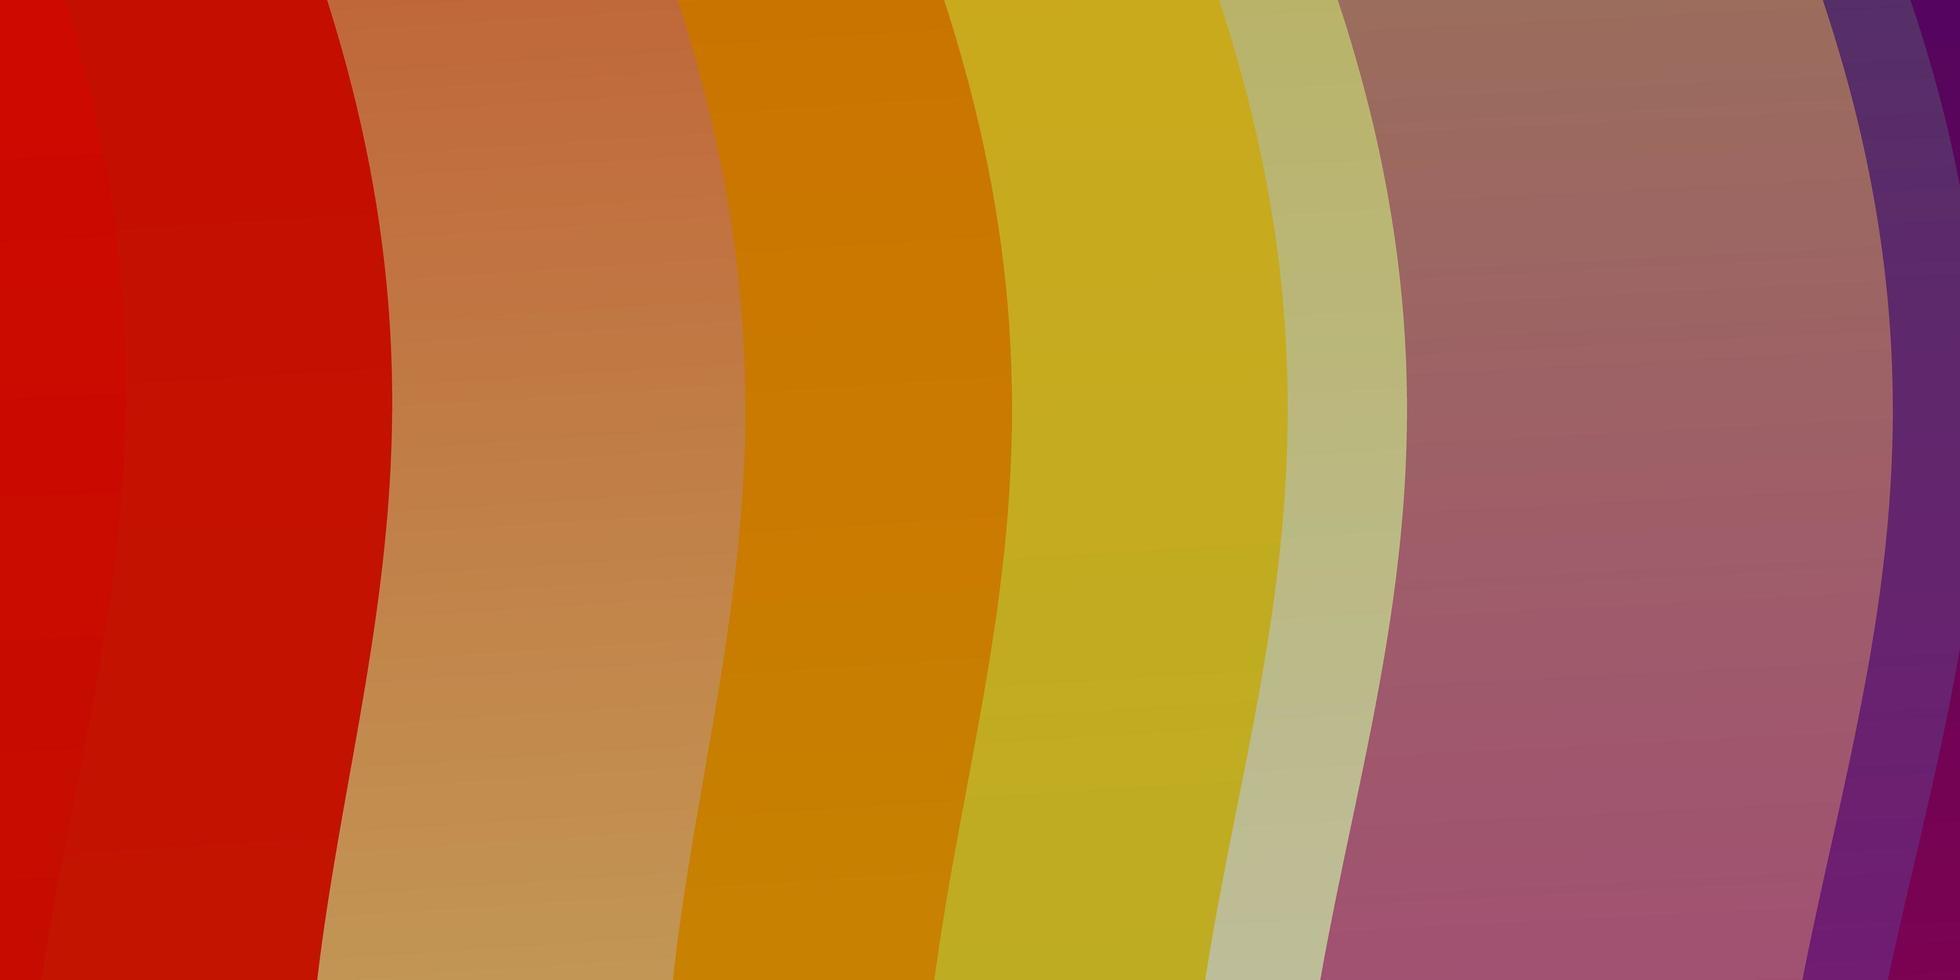 disposition de vecteur multicolore léger avec arc de cercle.